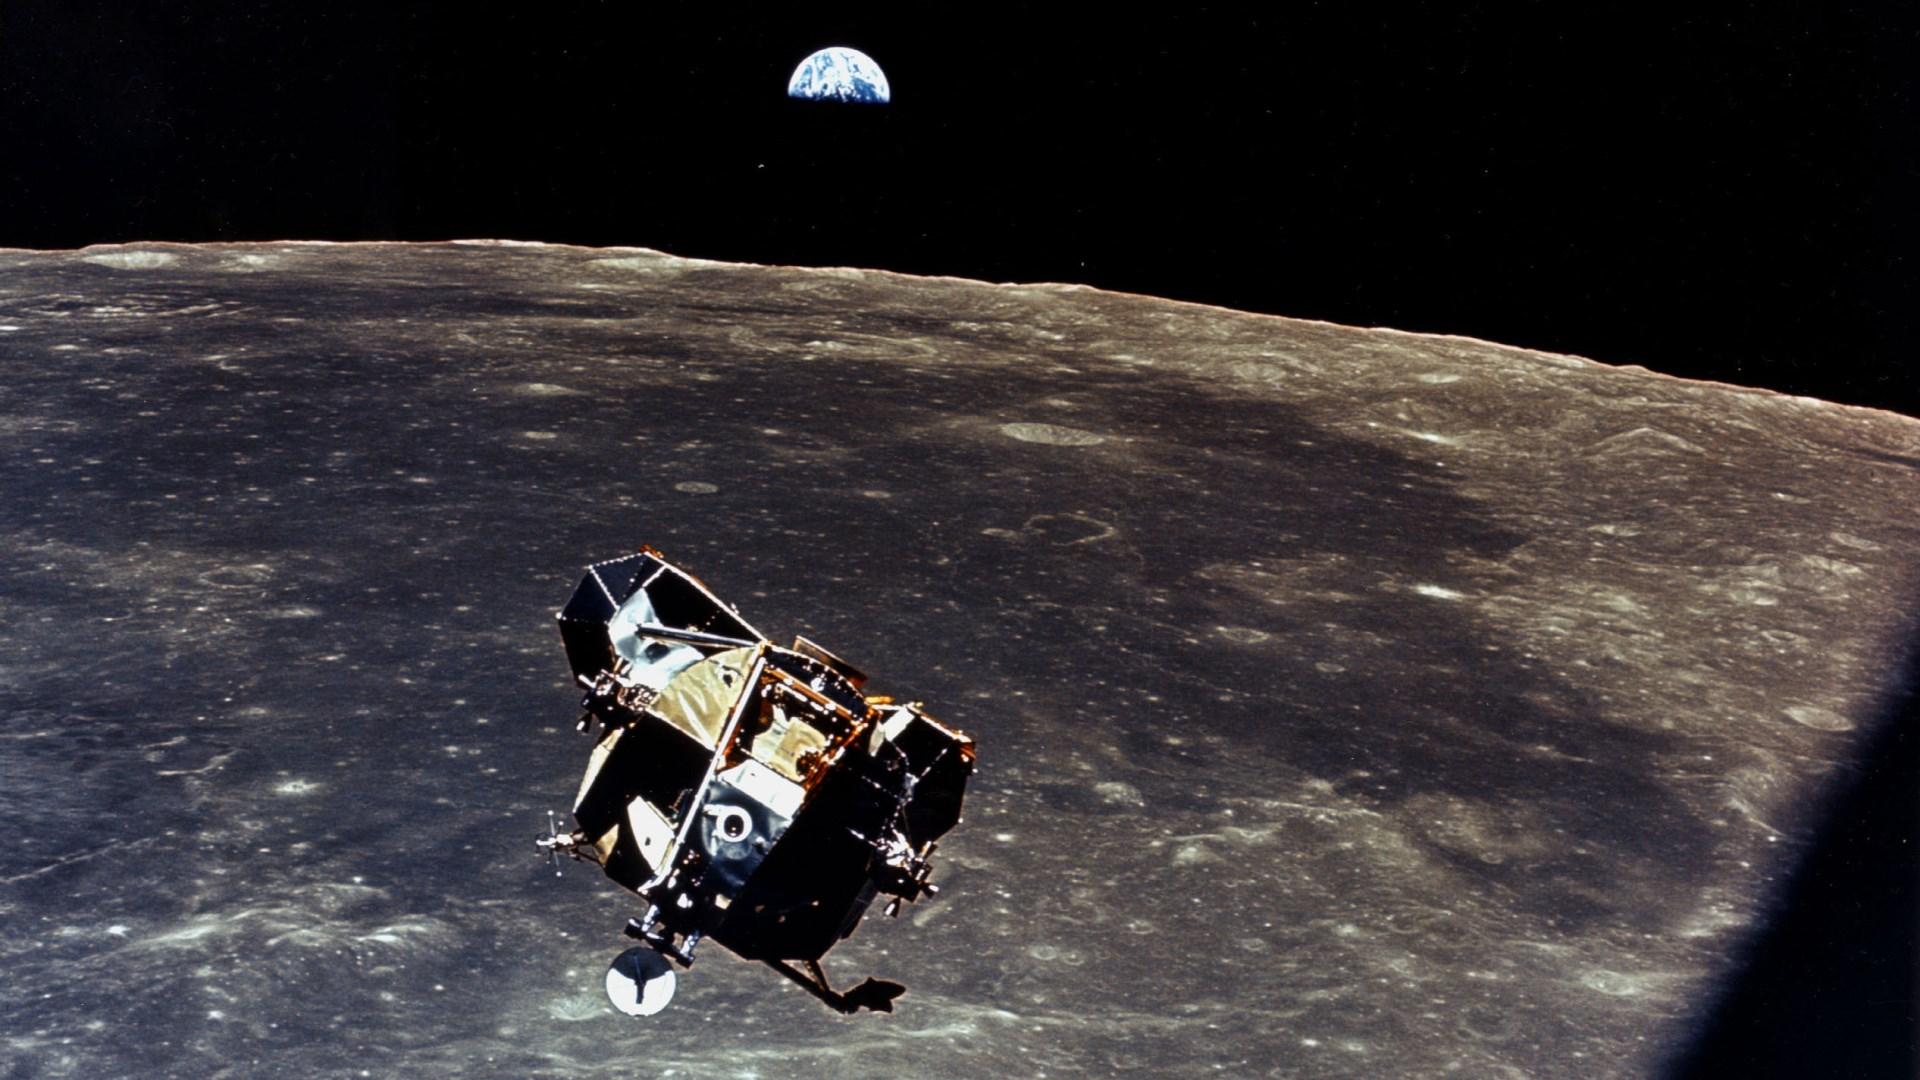 Space Mission HD Wallpaper 1920x1080 ID58071 1920x1080